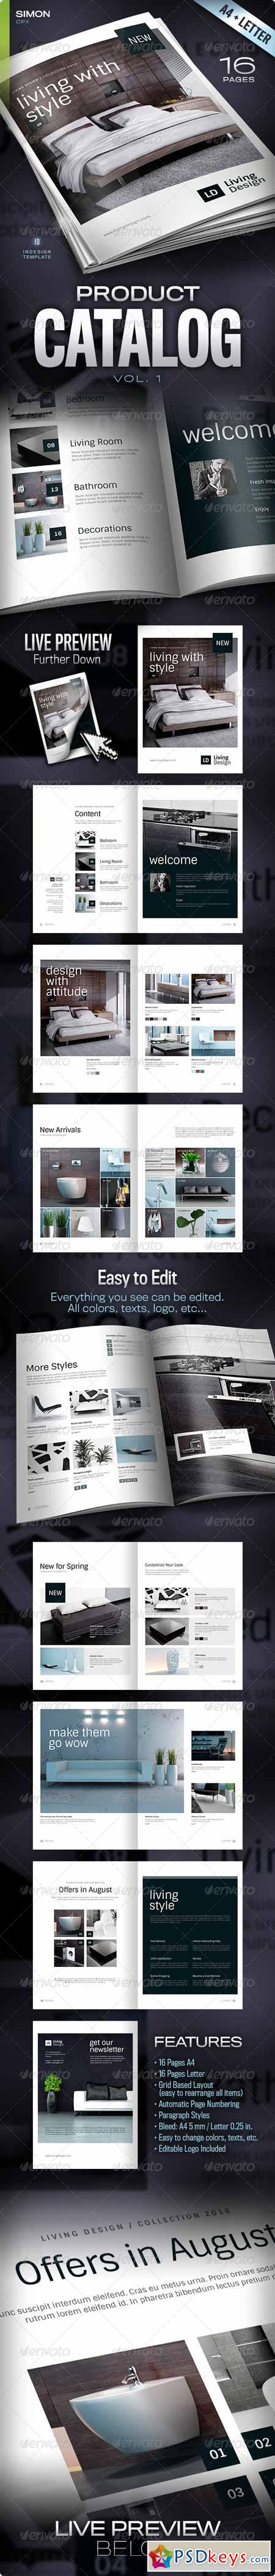 Product Catalog Vol. 1 4638512